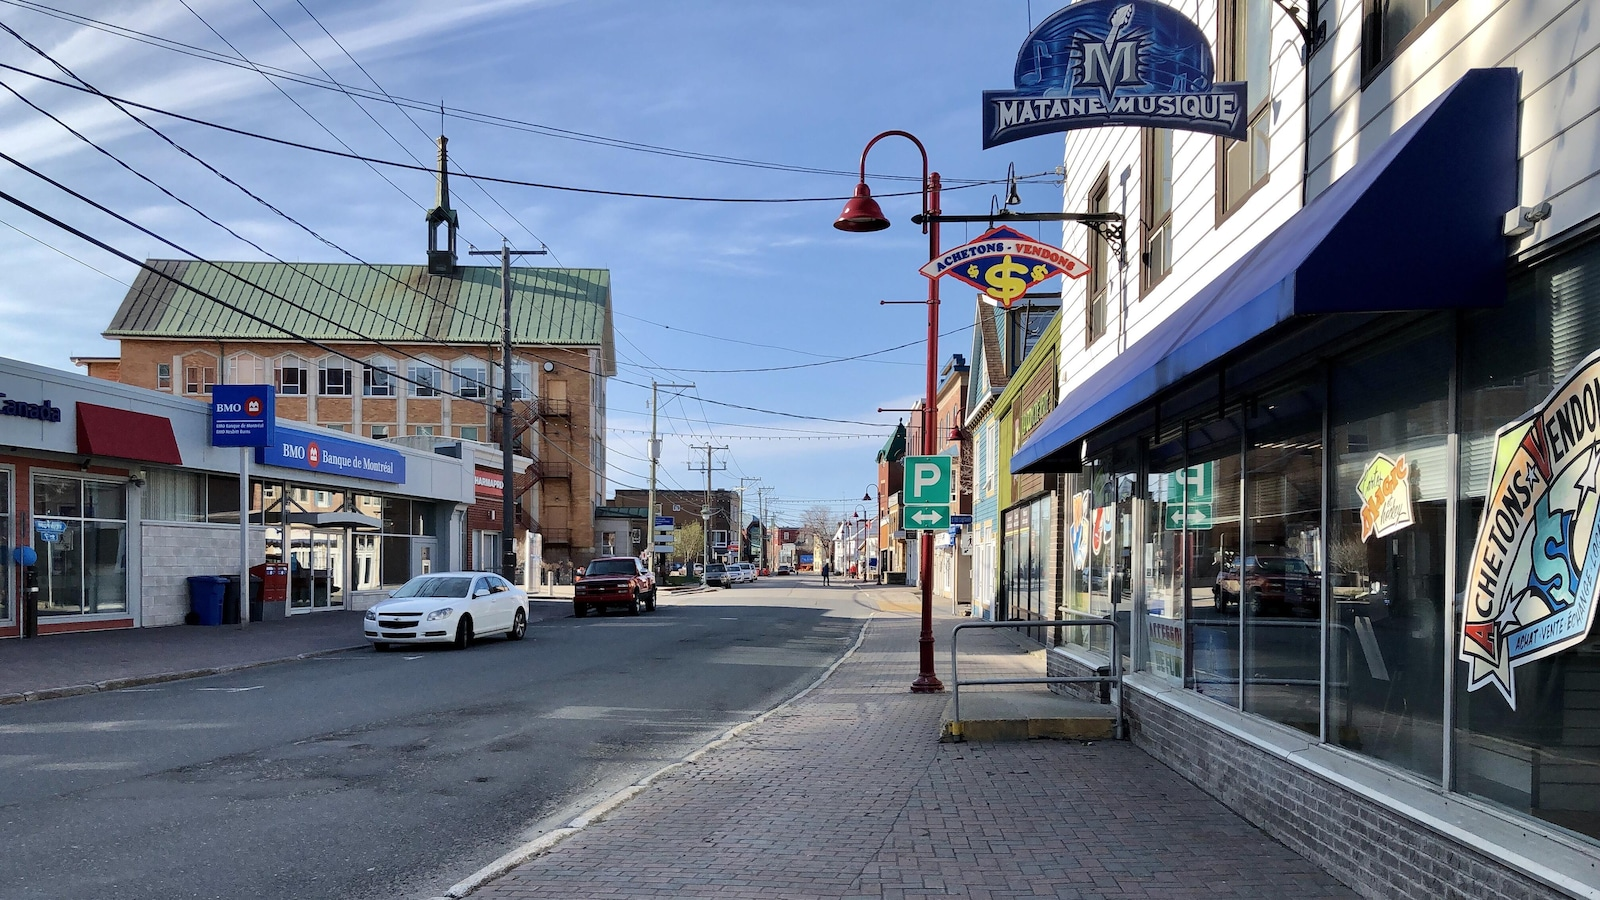 La rue Saint-Jérôme, au centre-ville de Matane